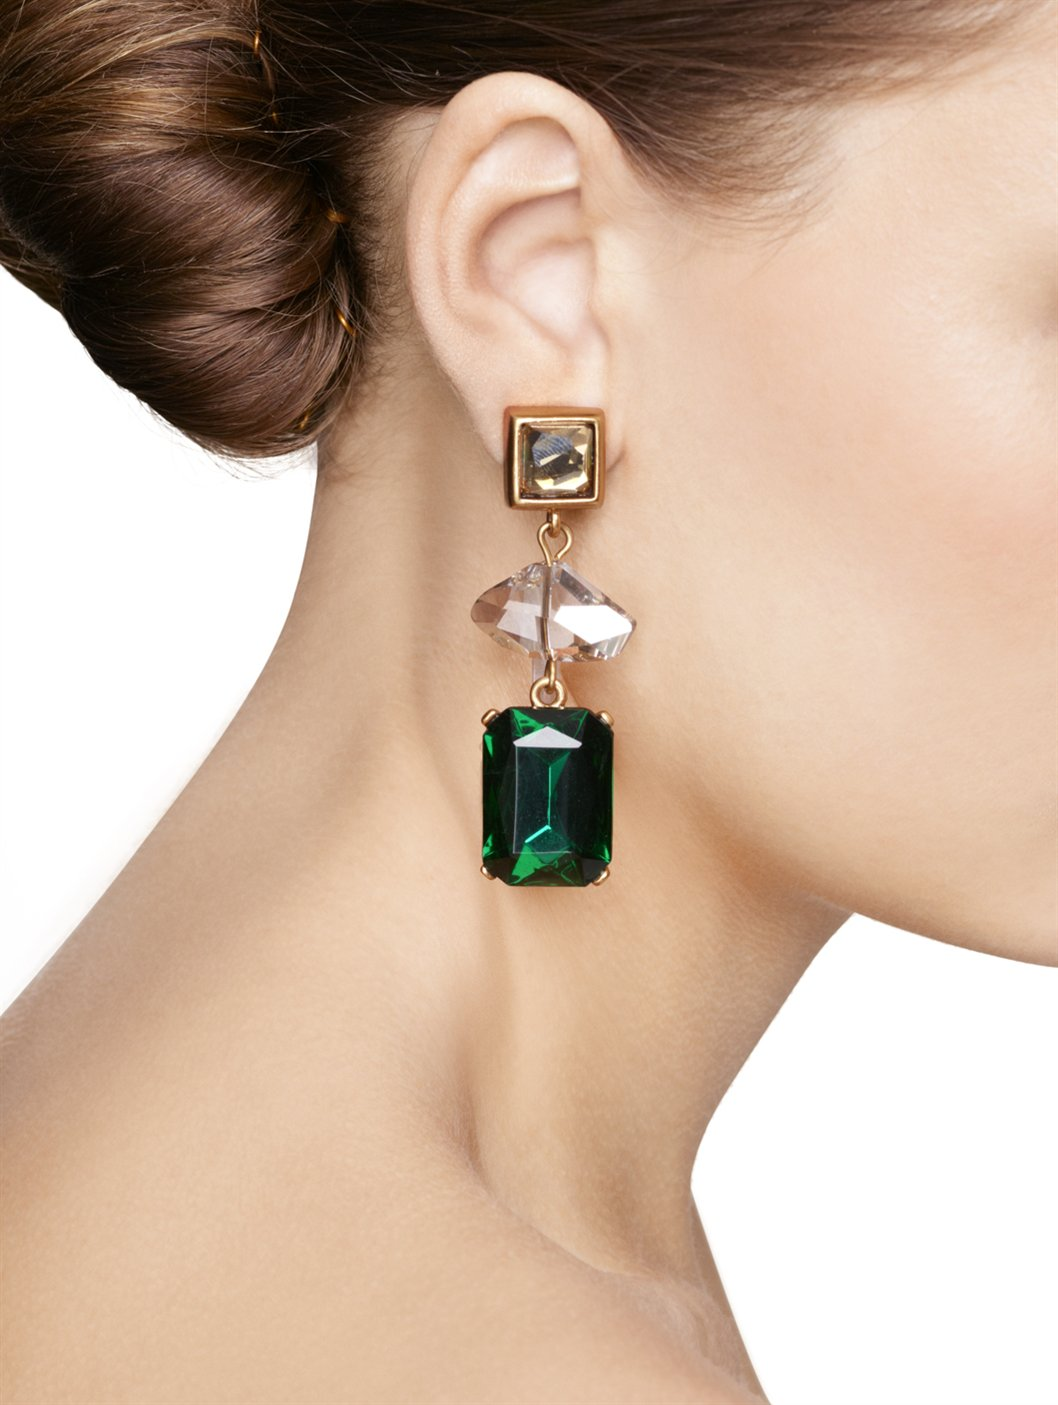 Oscar De La Renta Falling Tassel Earrings nqxErApP